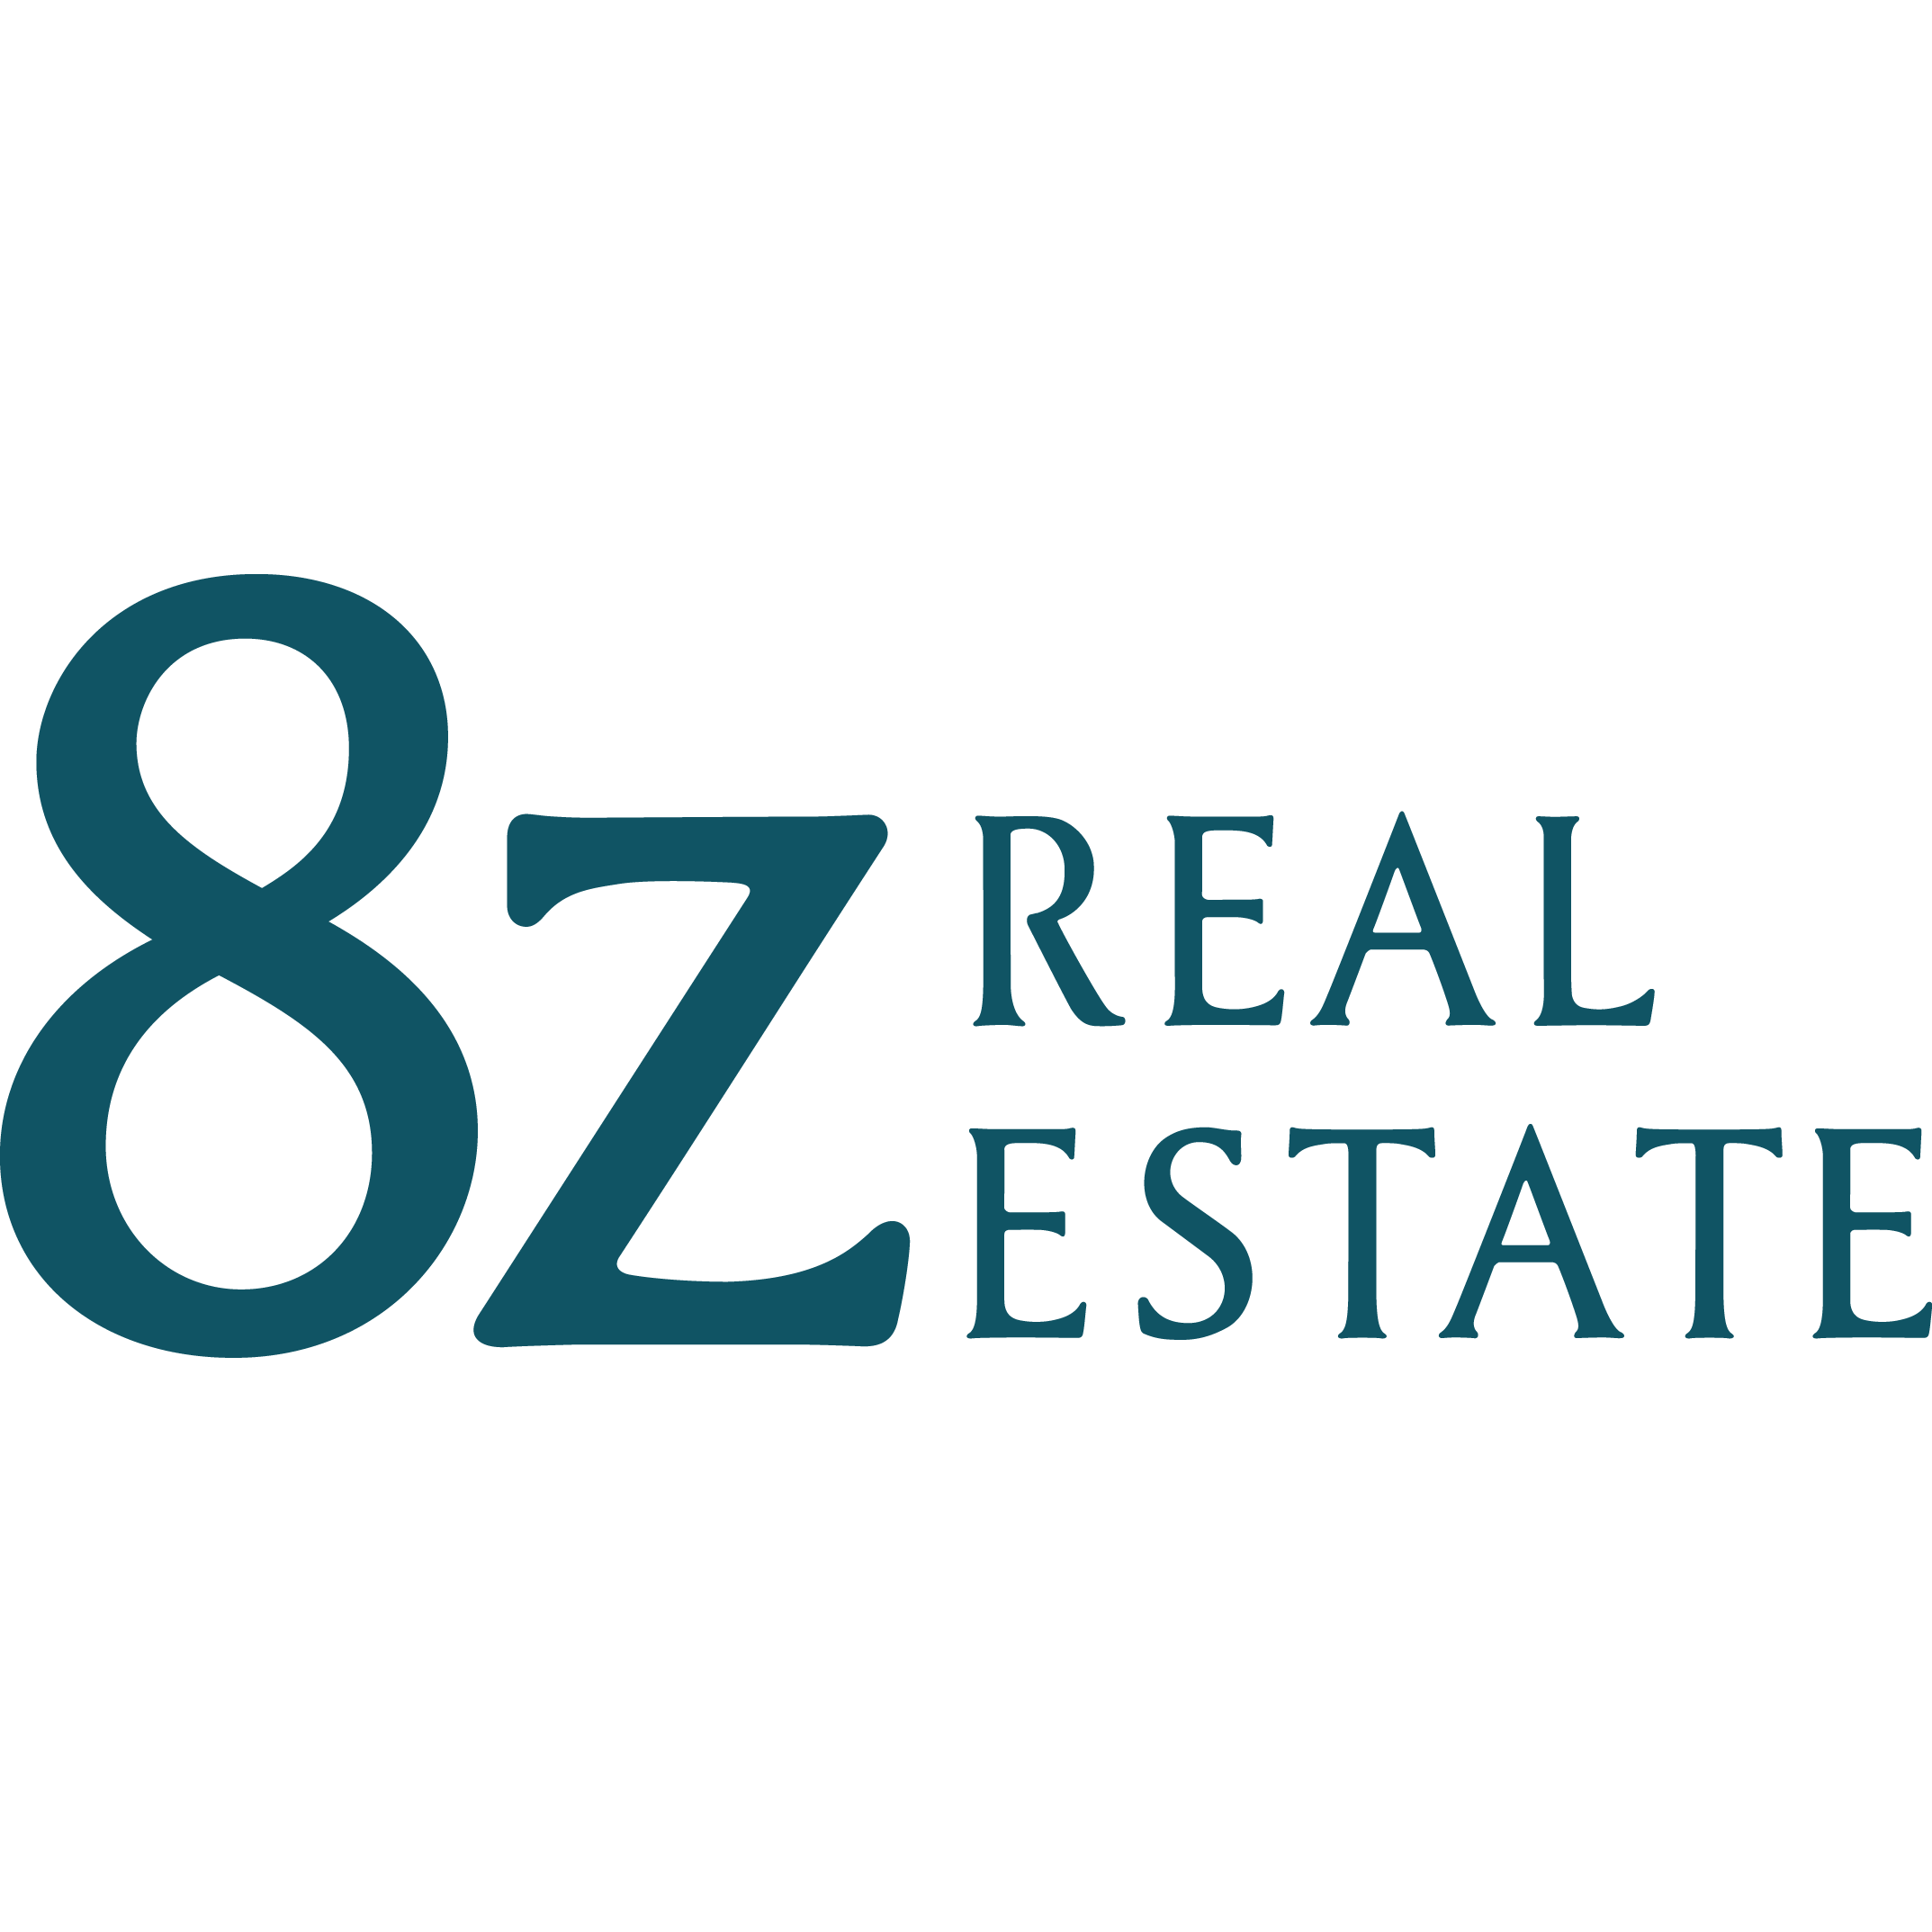 8z Real Estate Denver Central